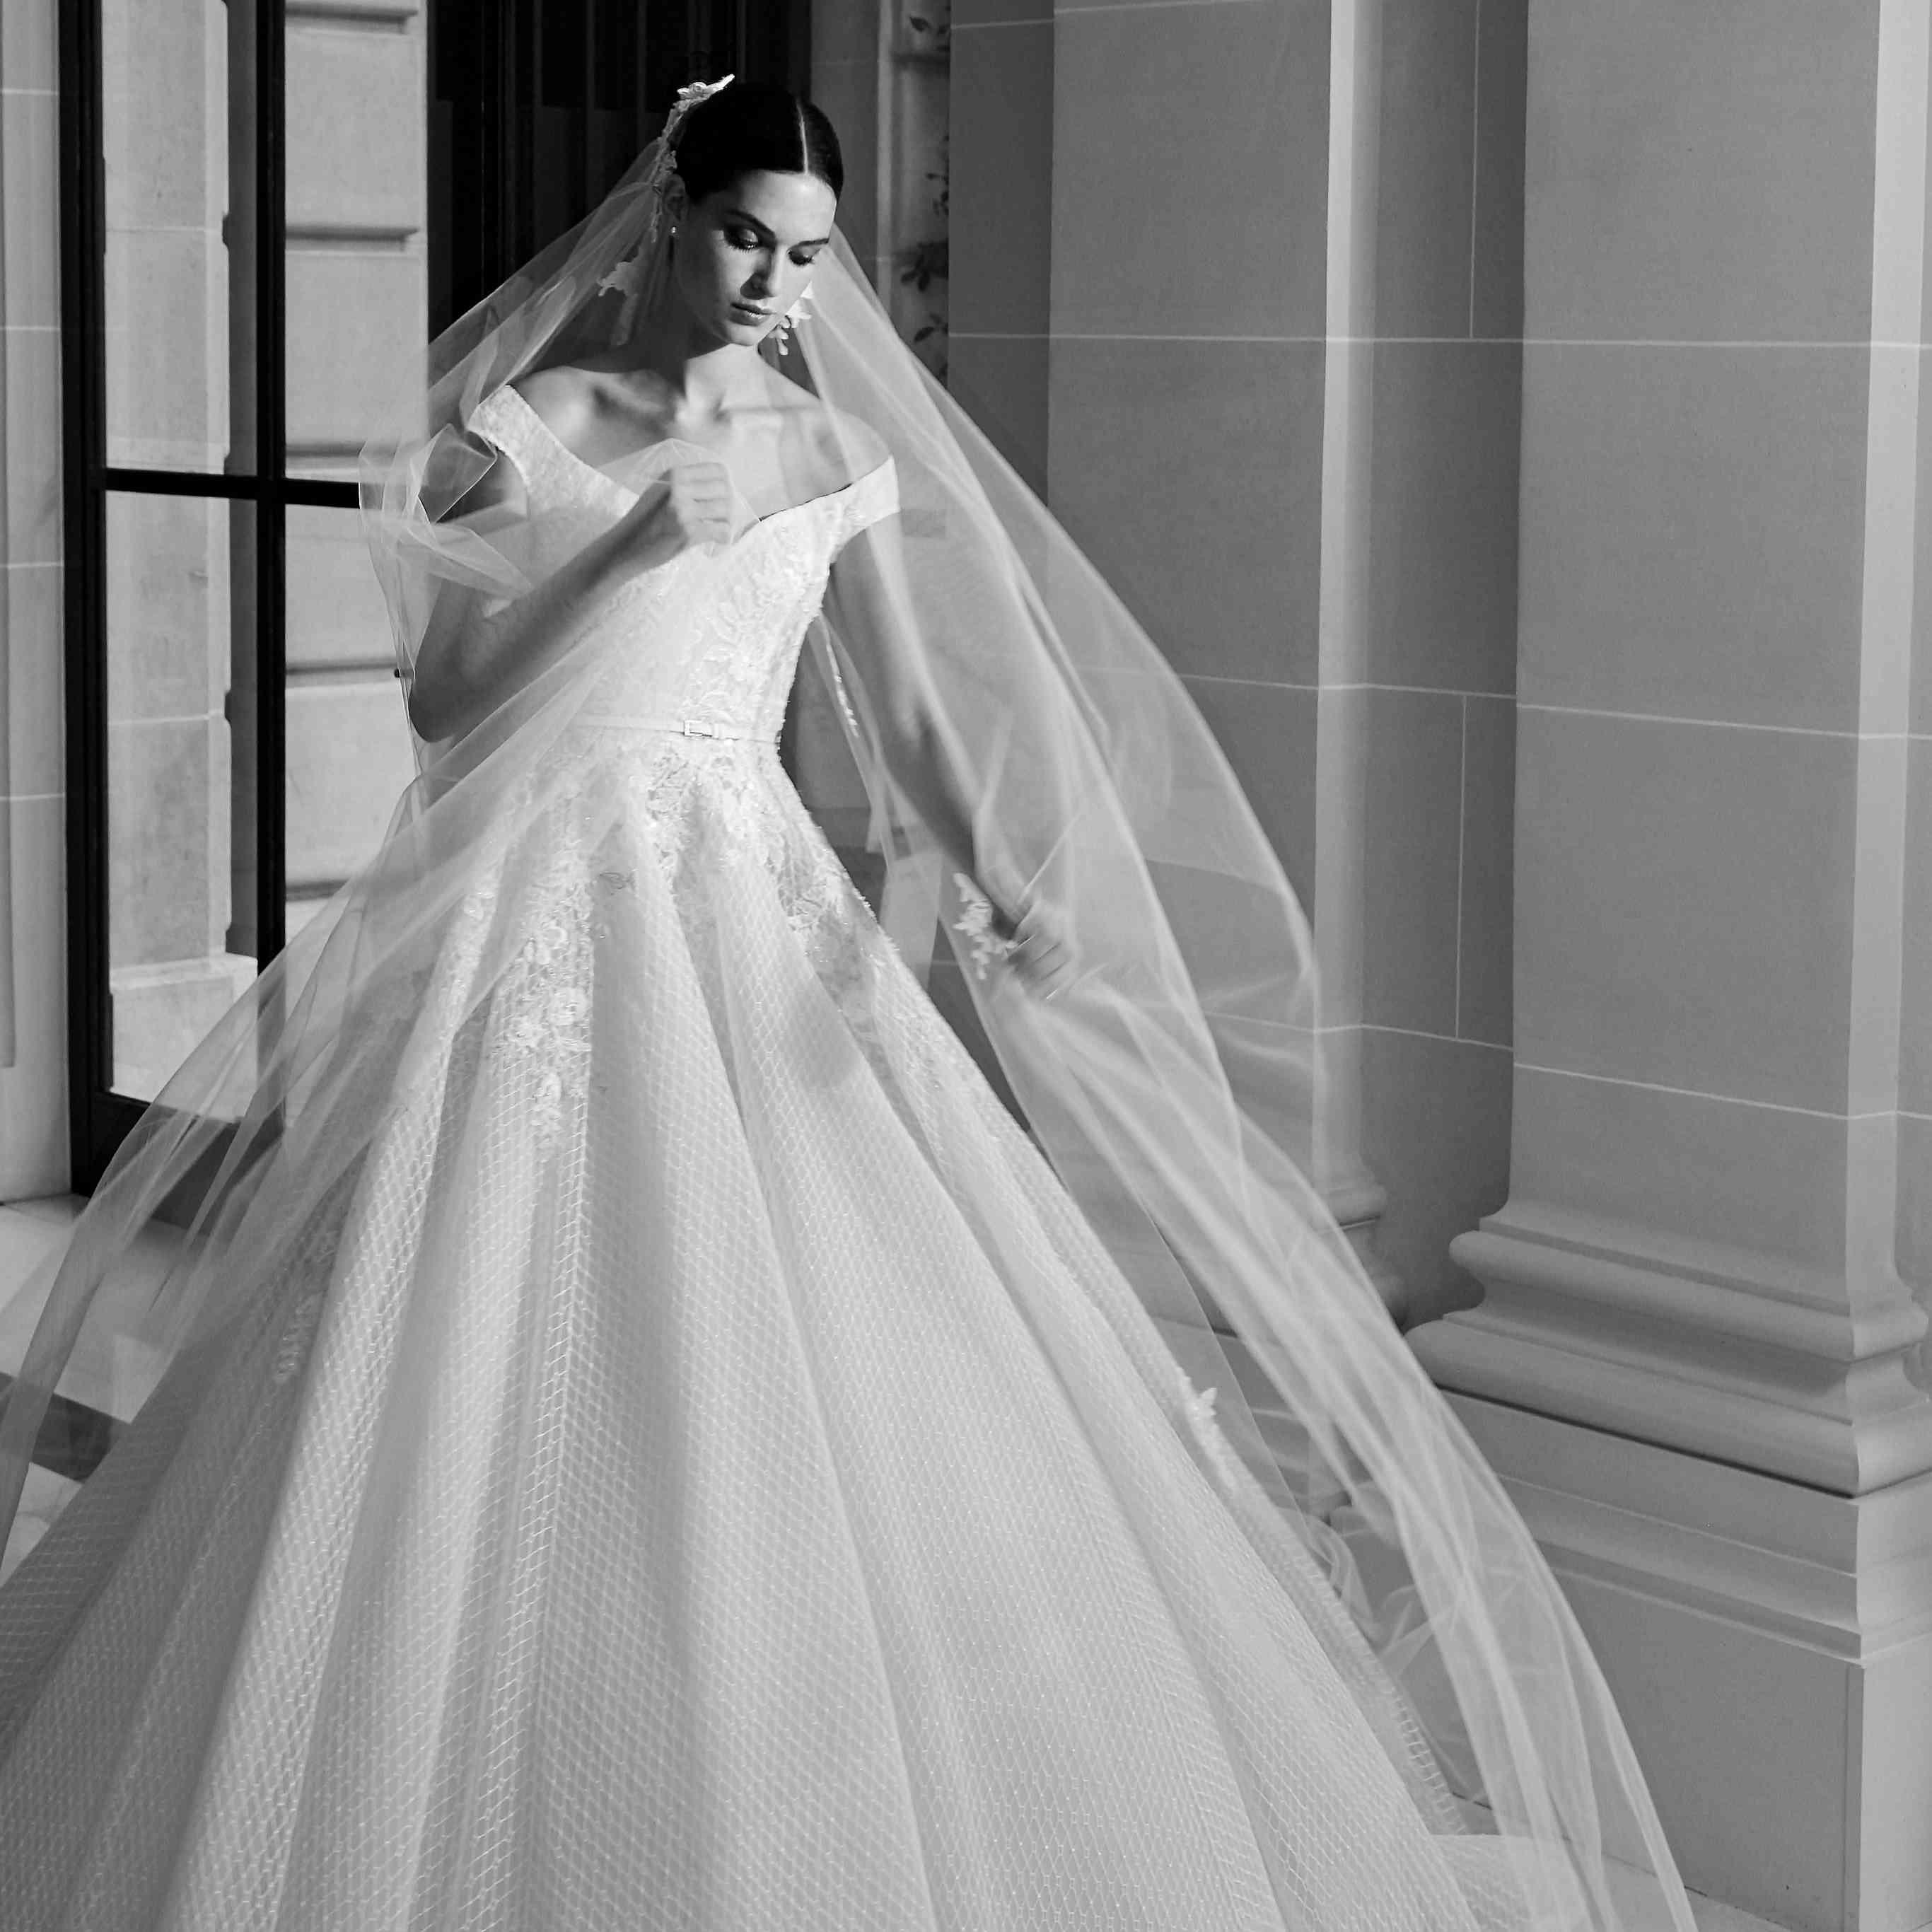 Elie Saab Wedding Dresses.Elie Saab Bridal Fall 2019